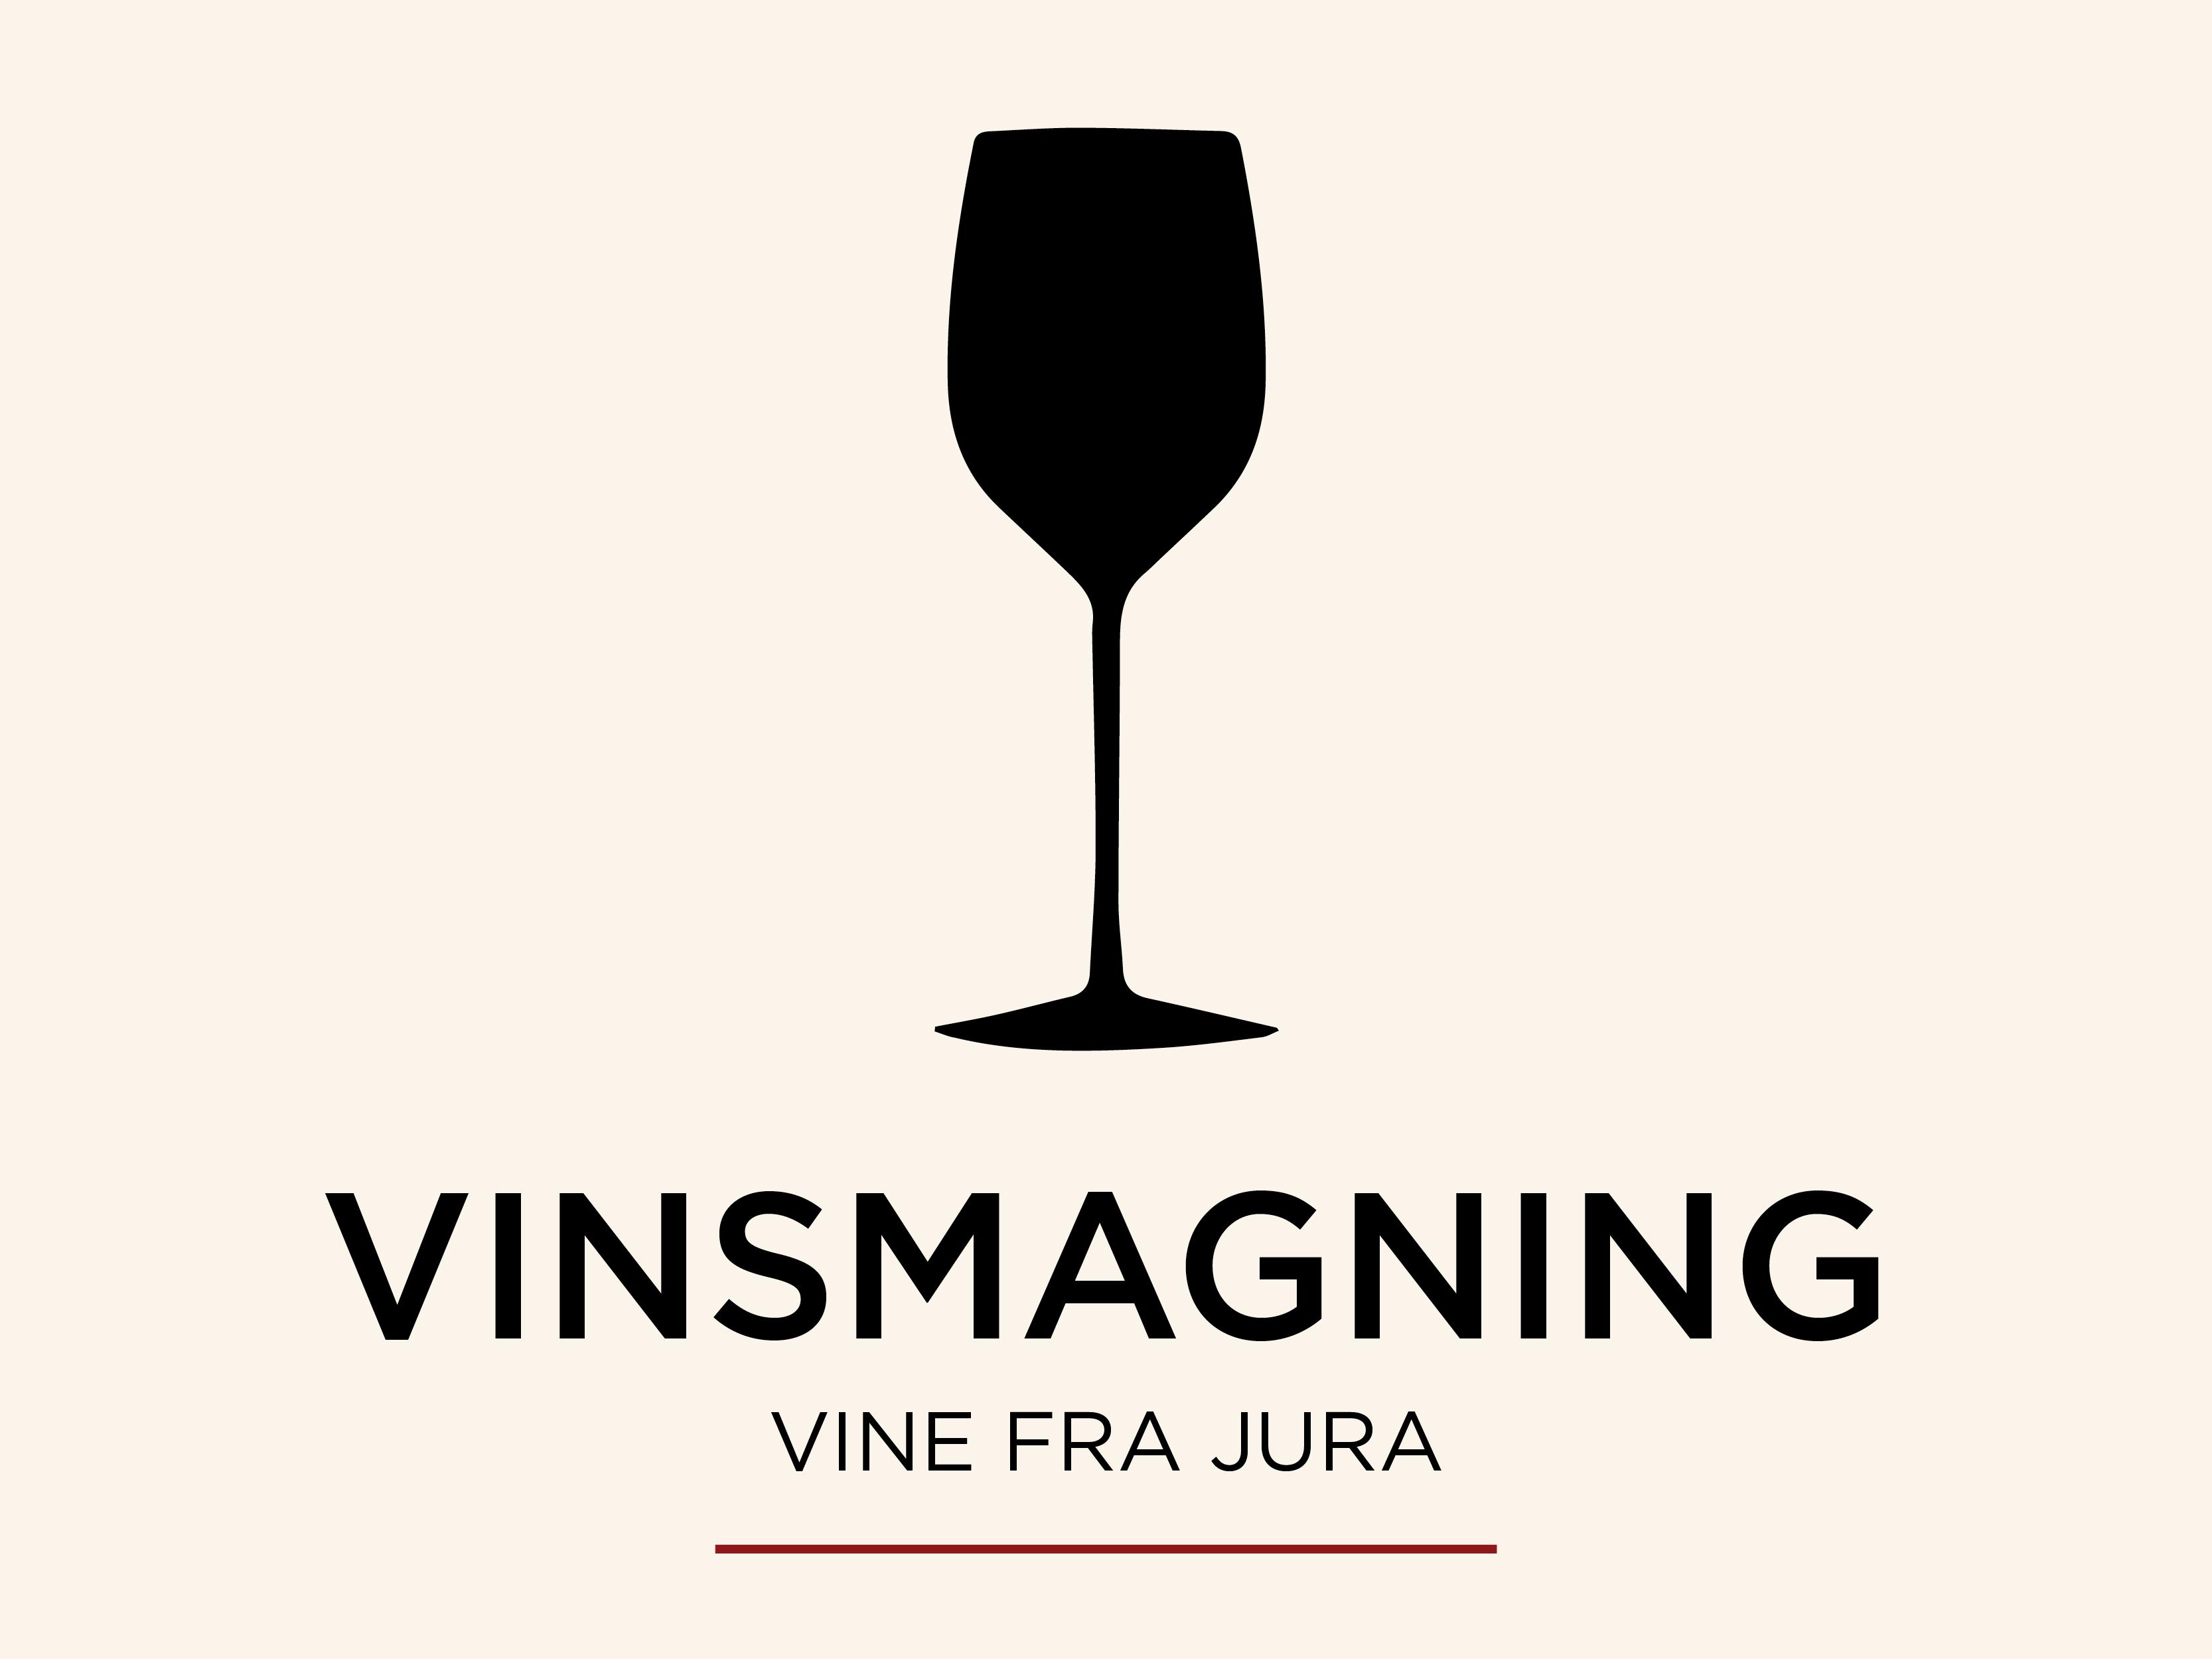 Vinsmagning_vine fra jura_Billet.png